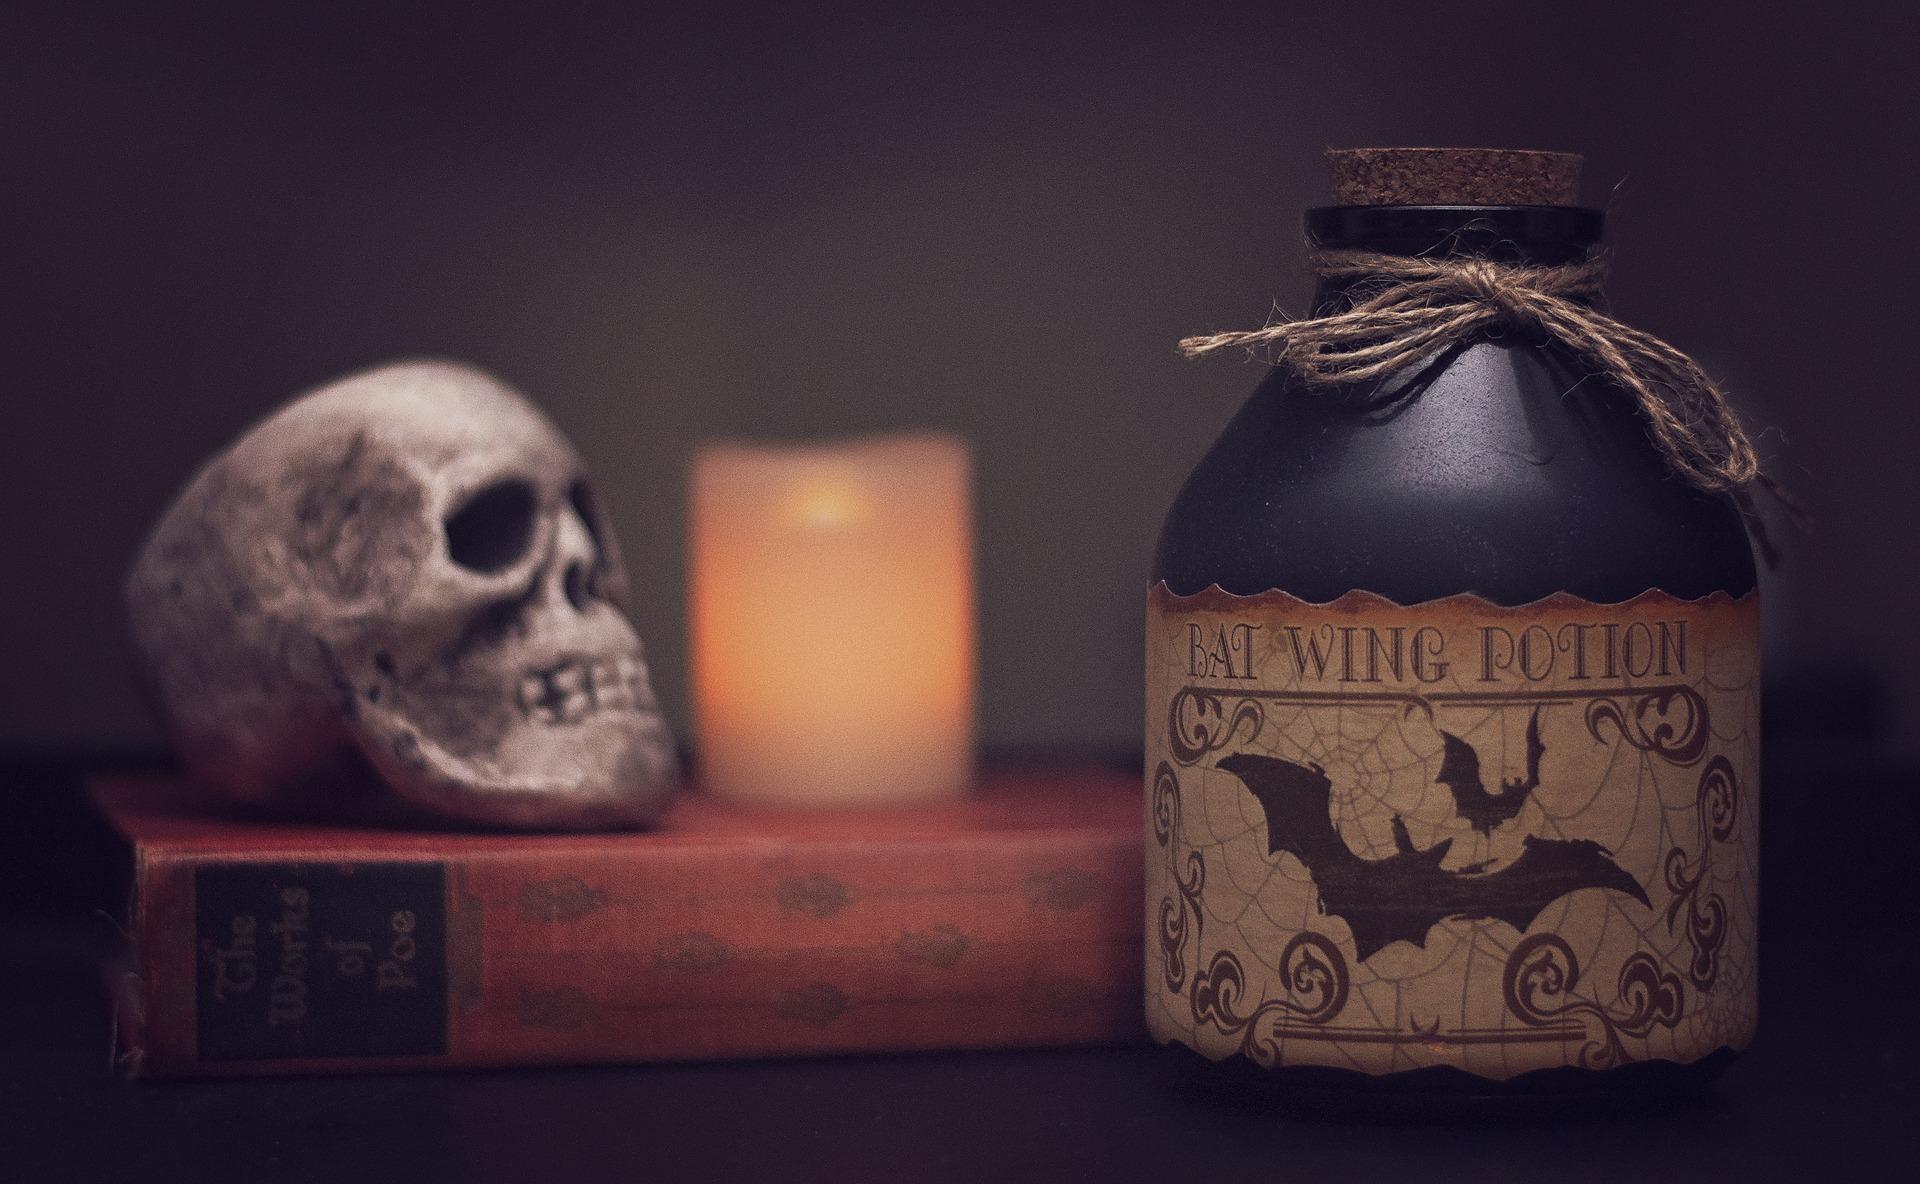 potion-2217630_1920 (1)